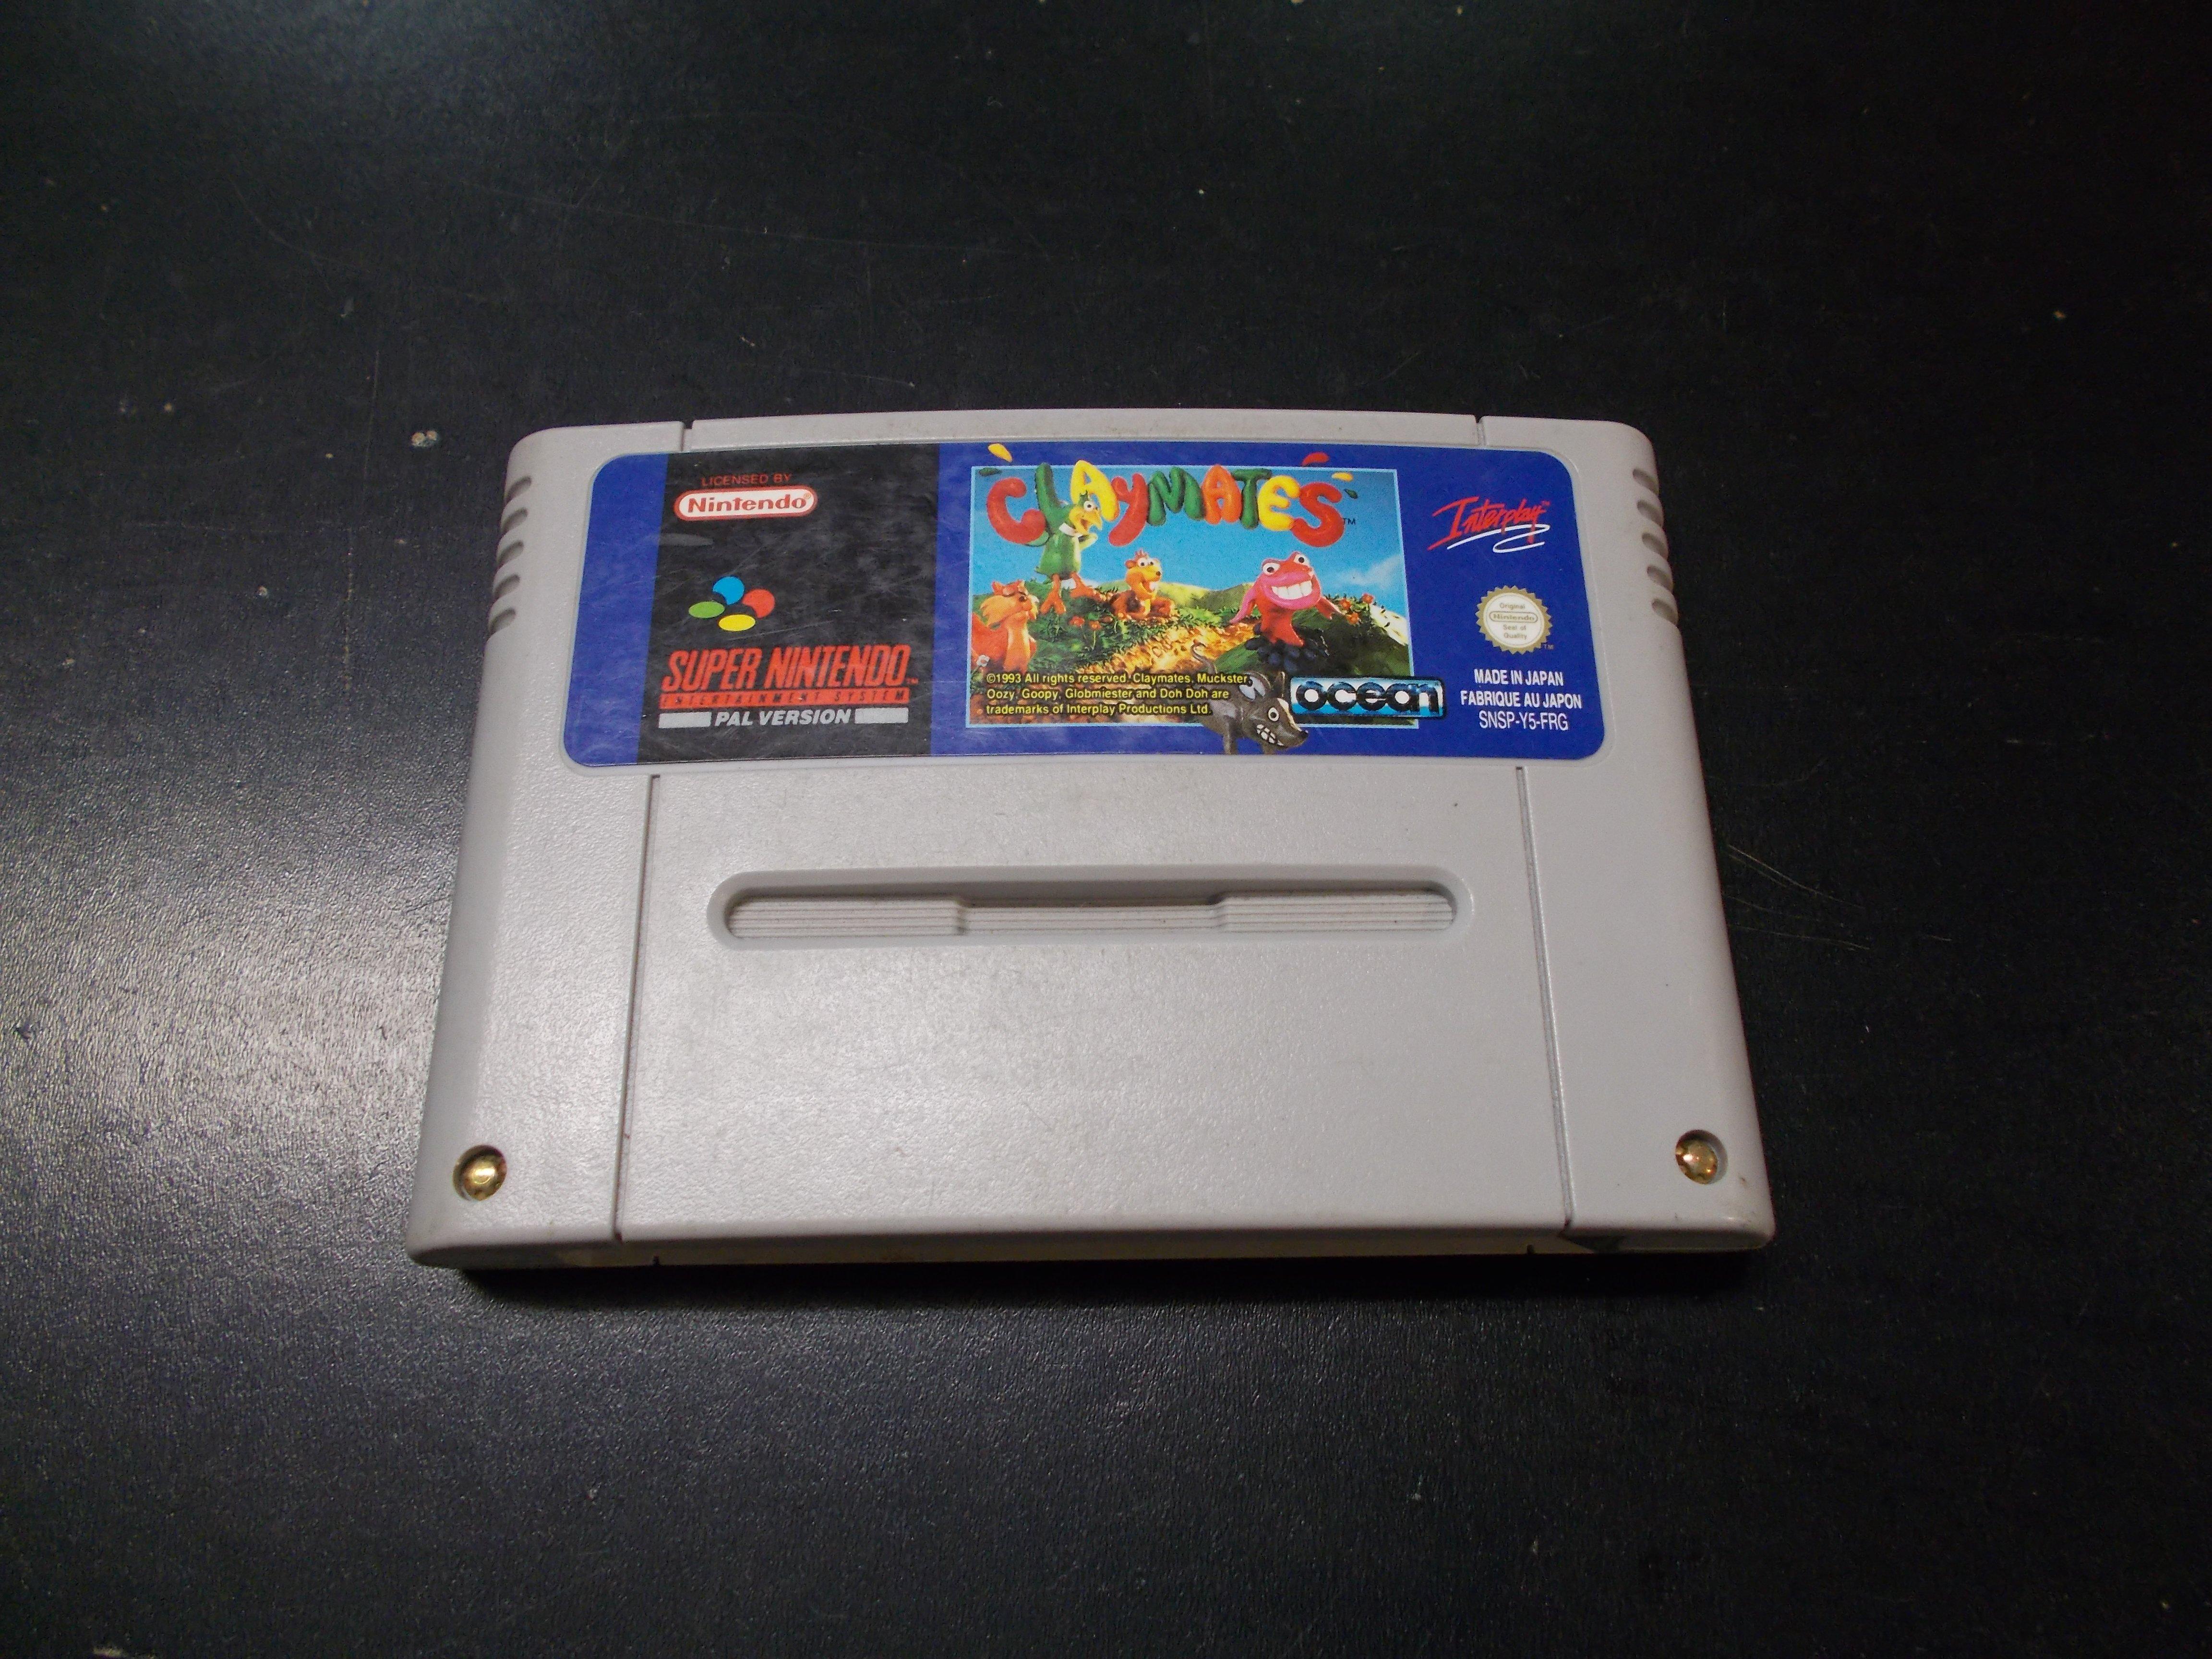 Claymates - GRA Nintendo SNES Opole 0160